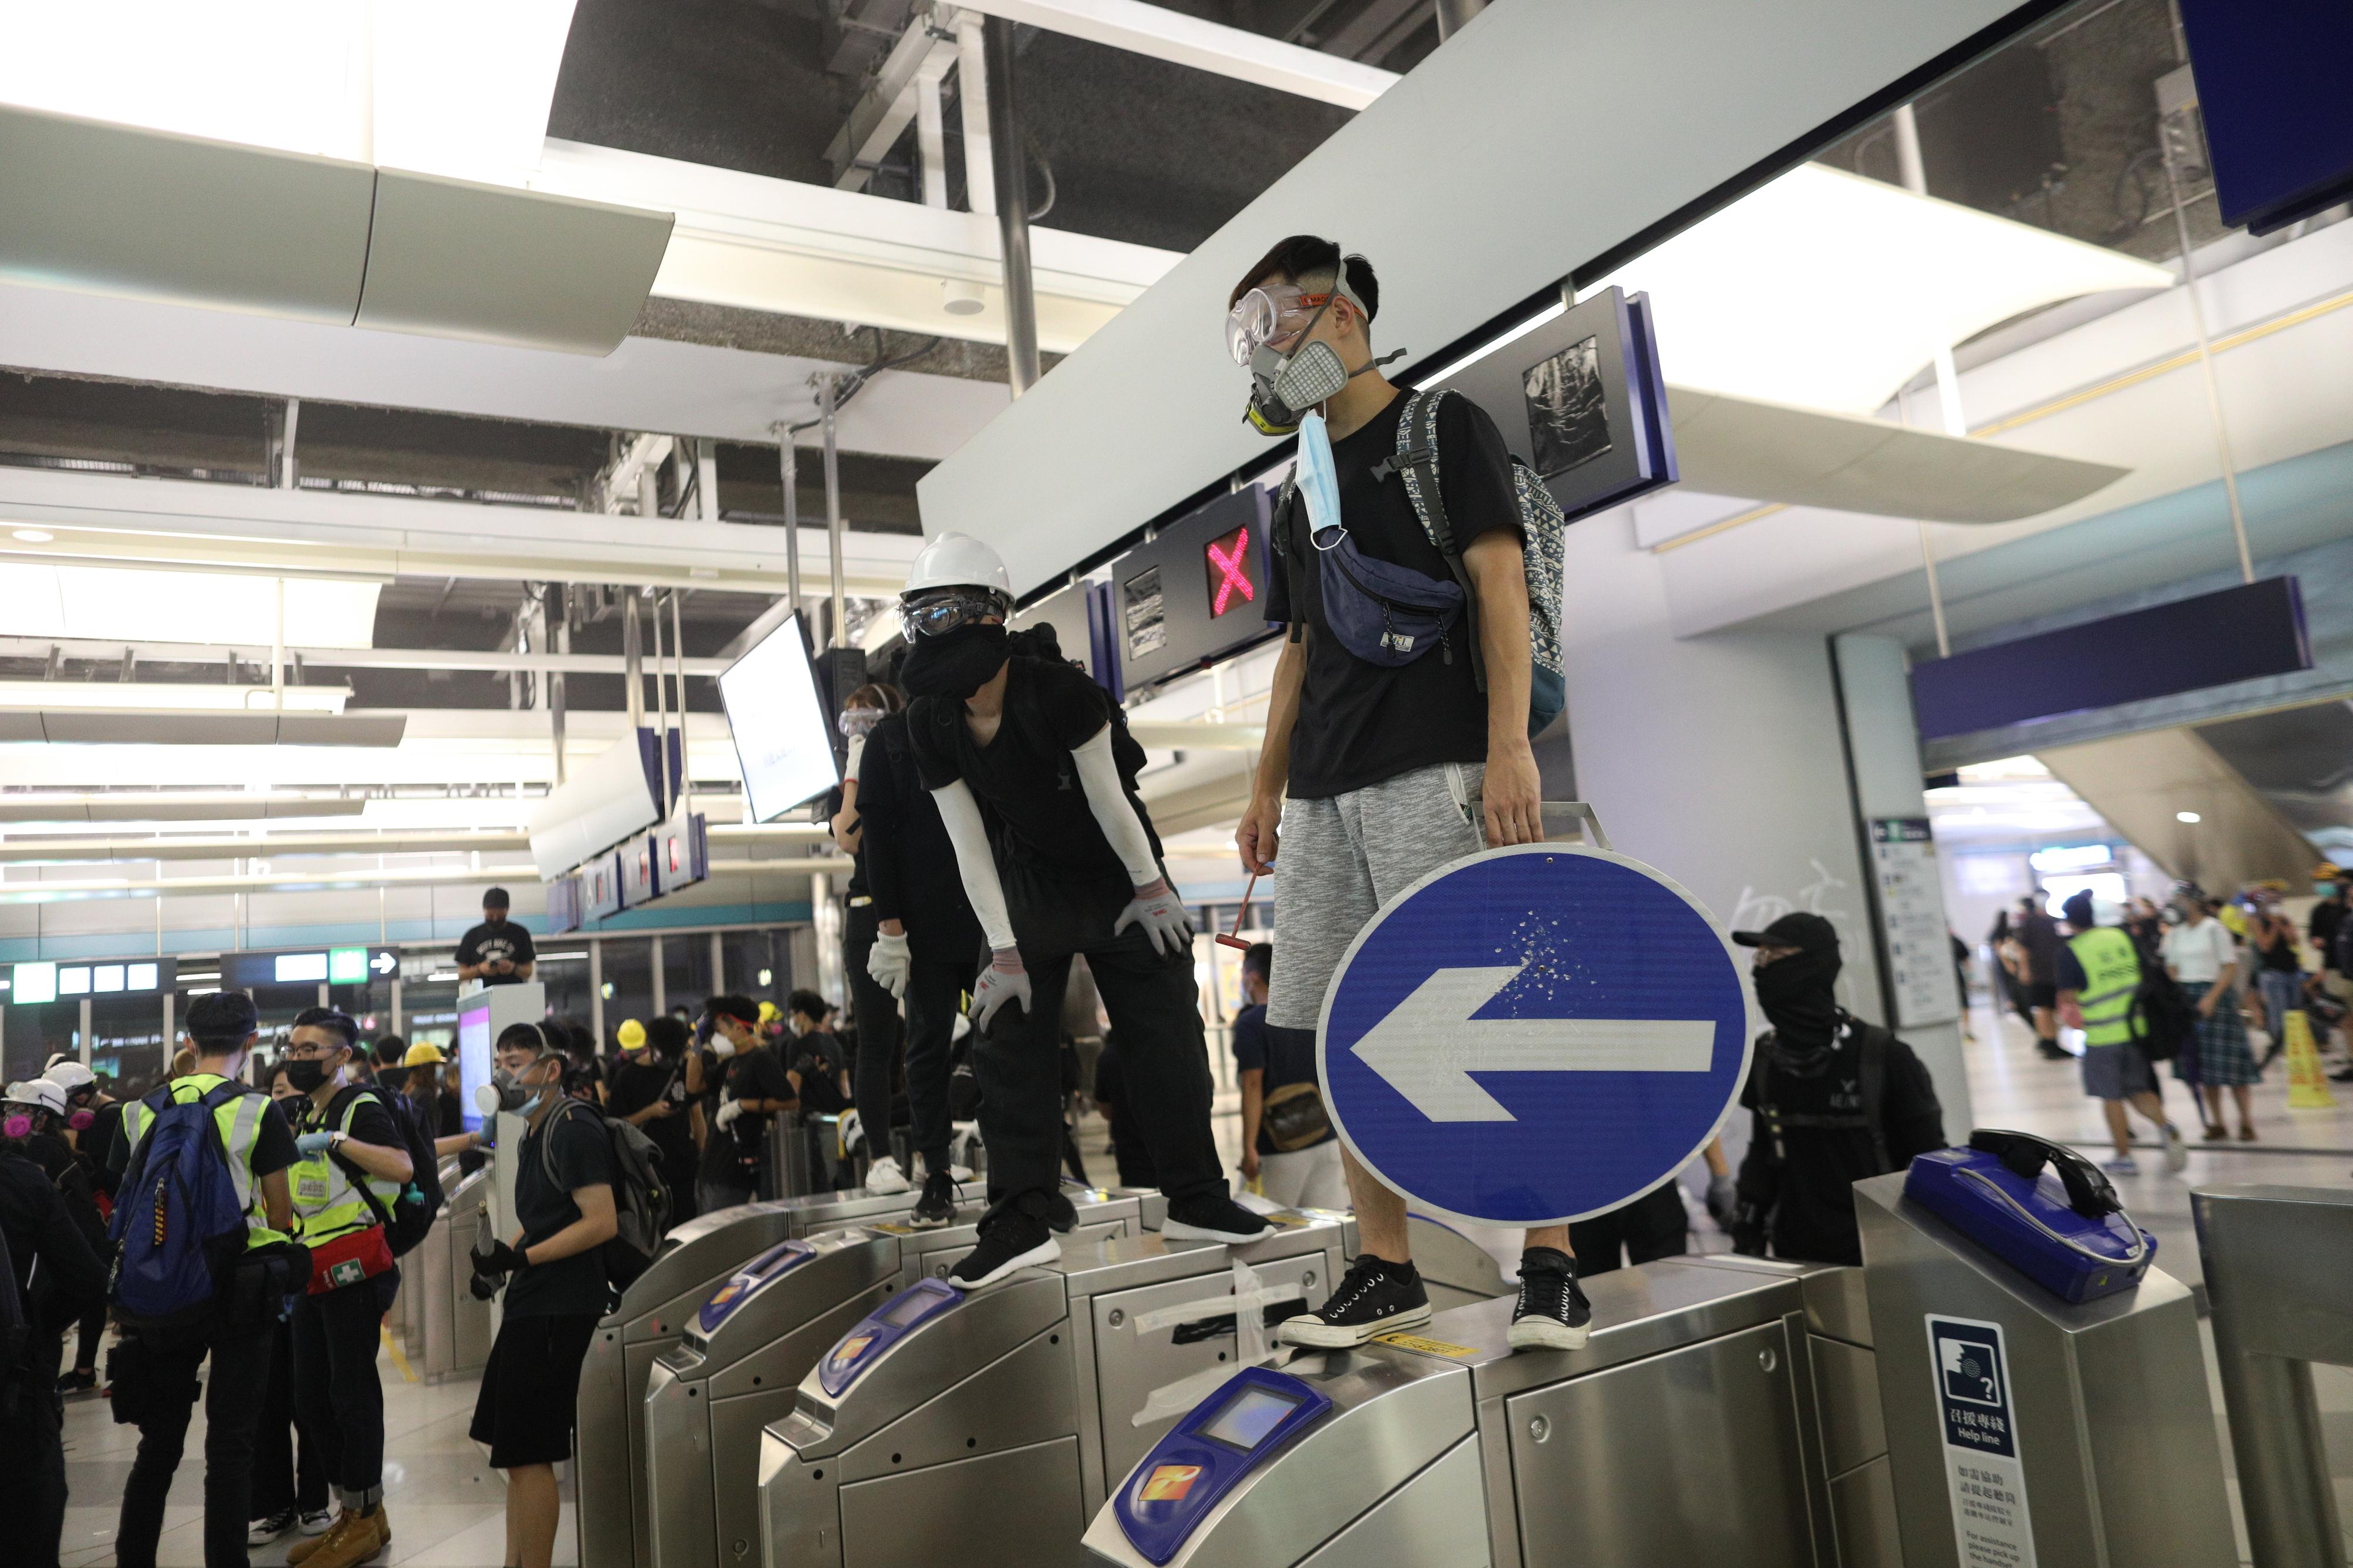 Manifestantes barricam-se em estação de metro de Hong Kong contra polícia antimotim